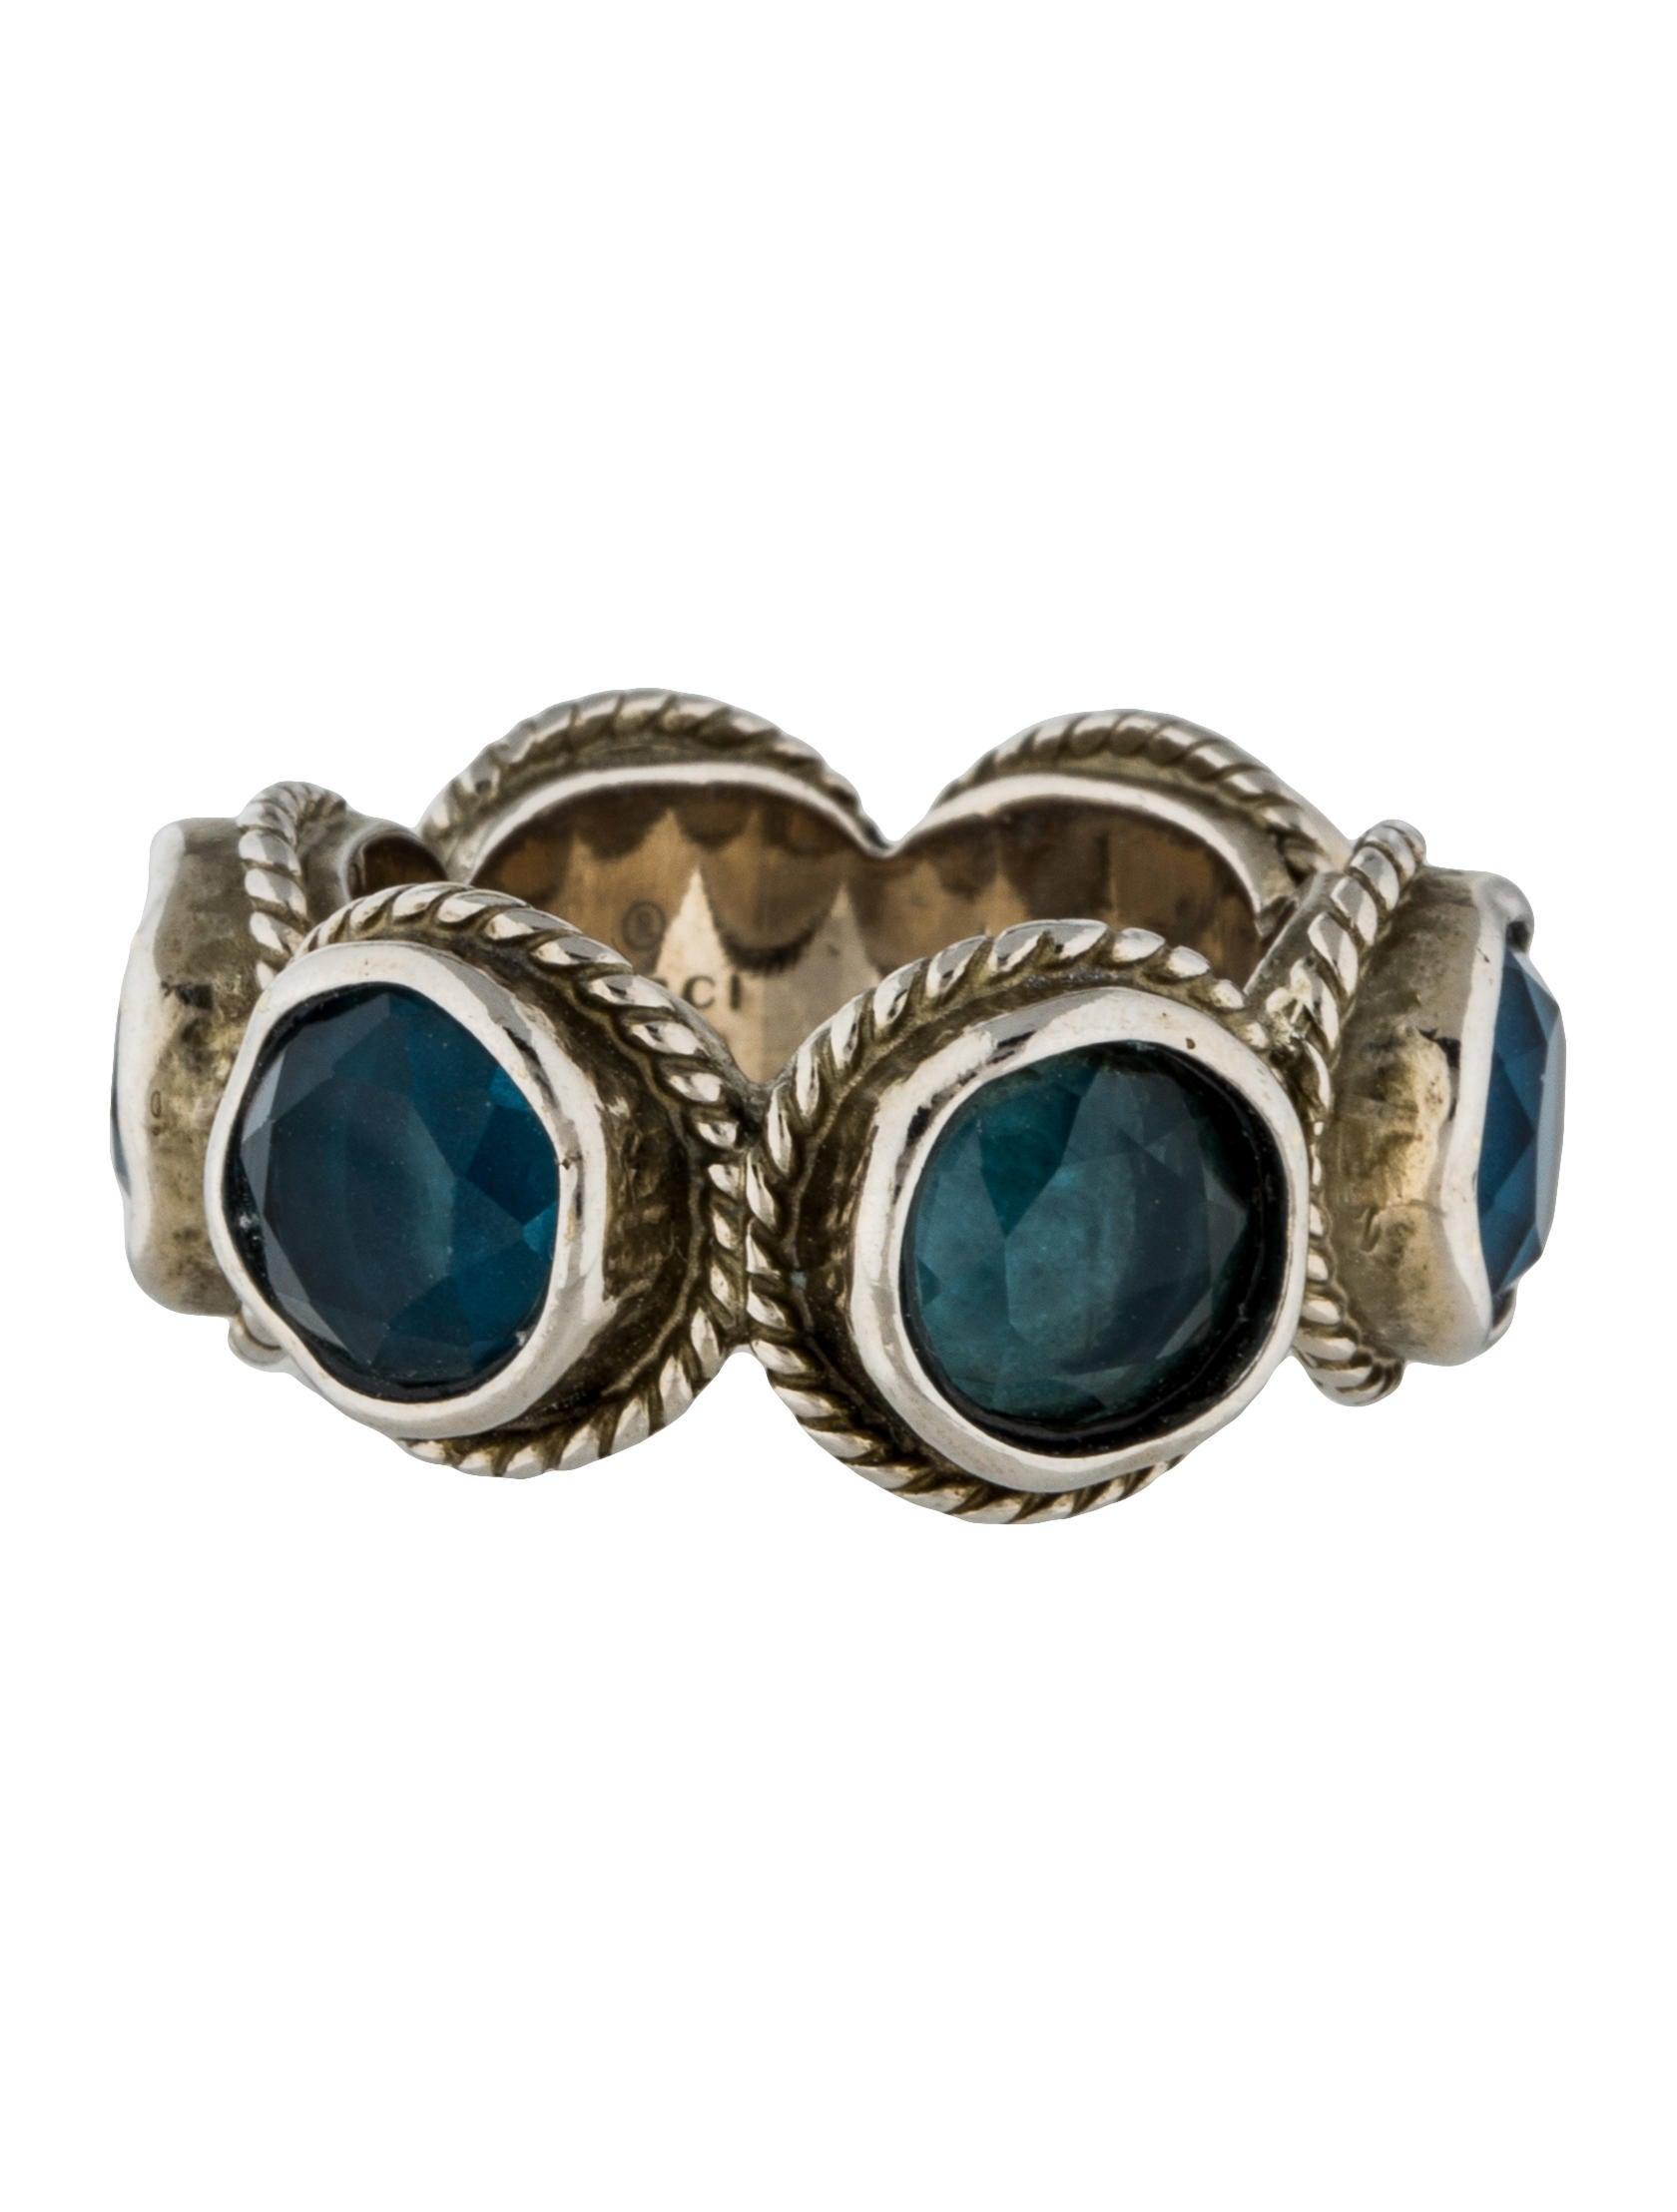 8502ff1aa Gucci Swarovski Crystal Ring - Rings - GUC121242 | The RealReal